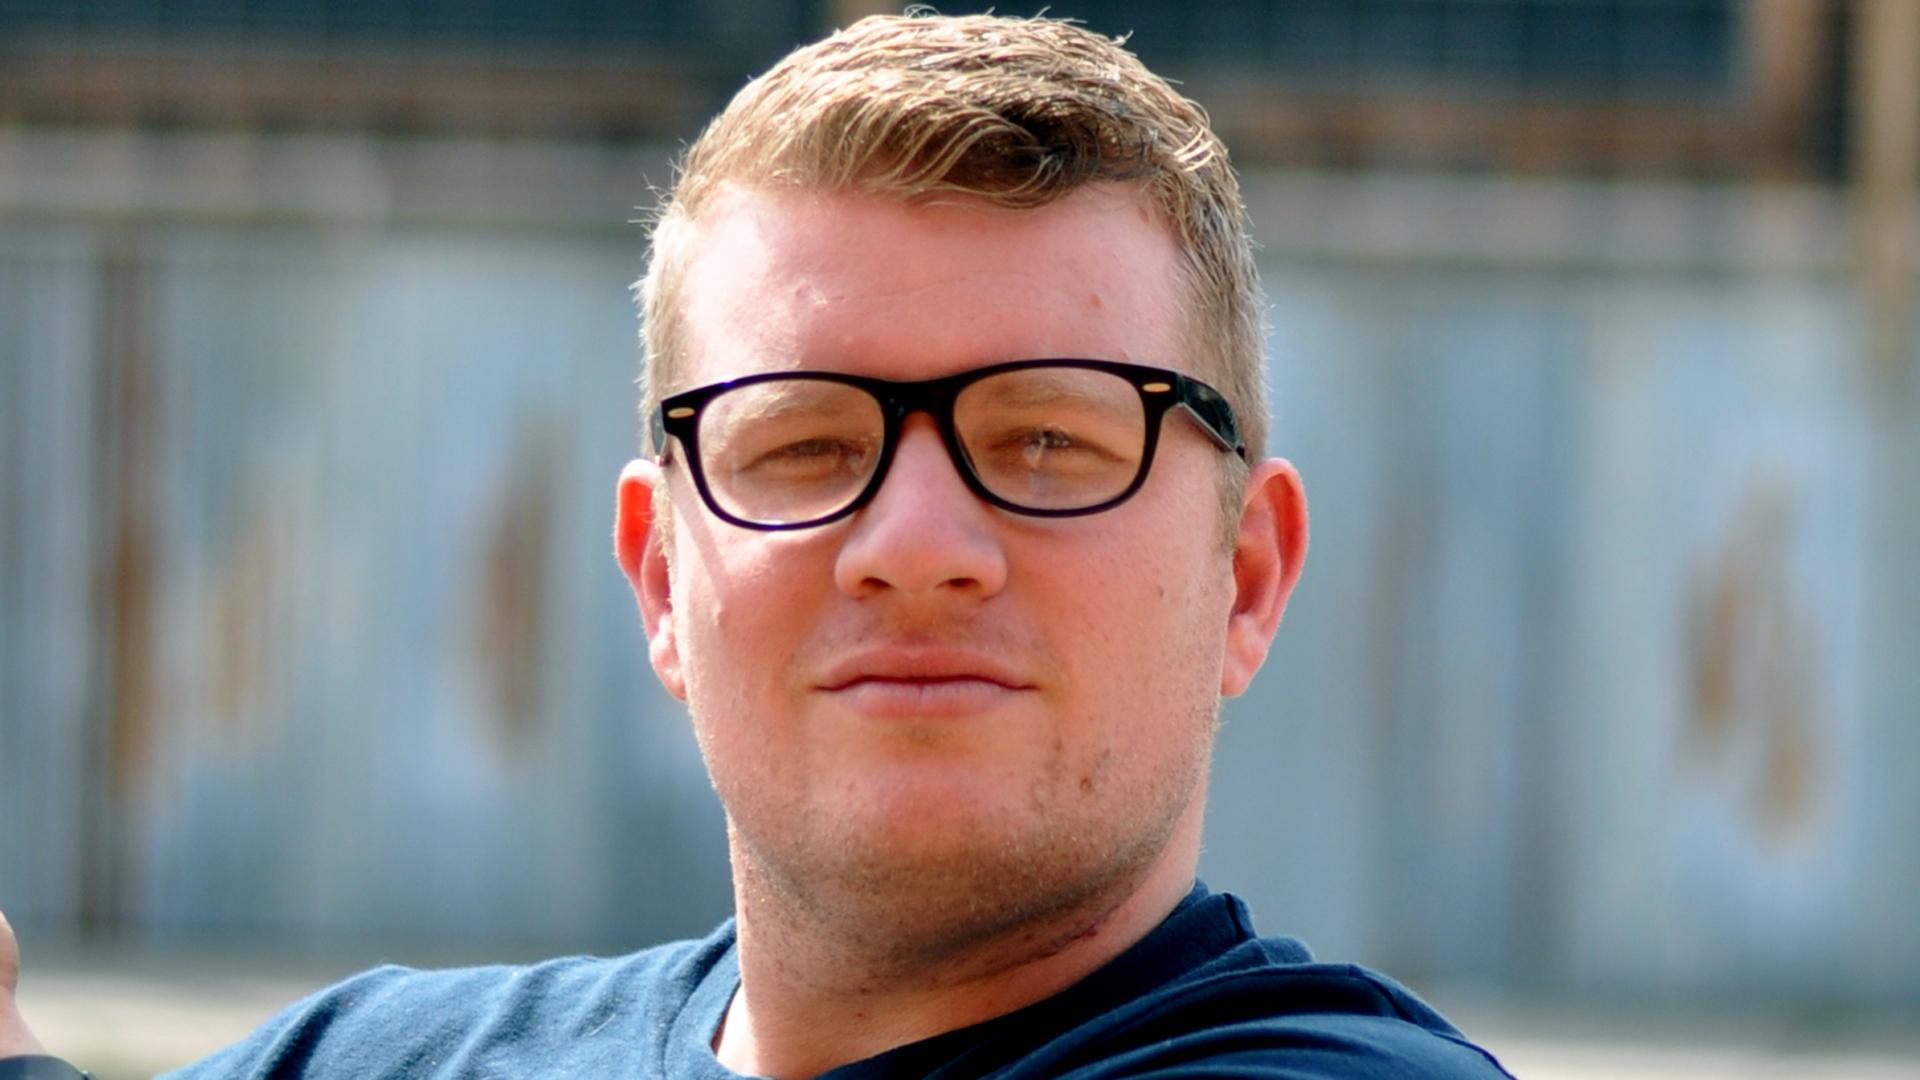 Aaron Alexander ist Pastor in der Hope-Fellowship-Kirche in Frisco